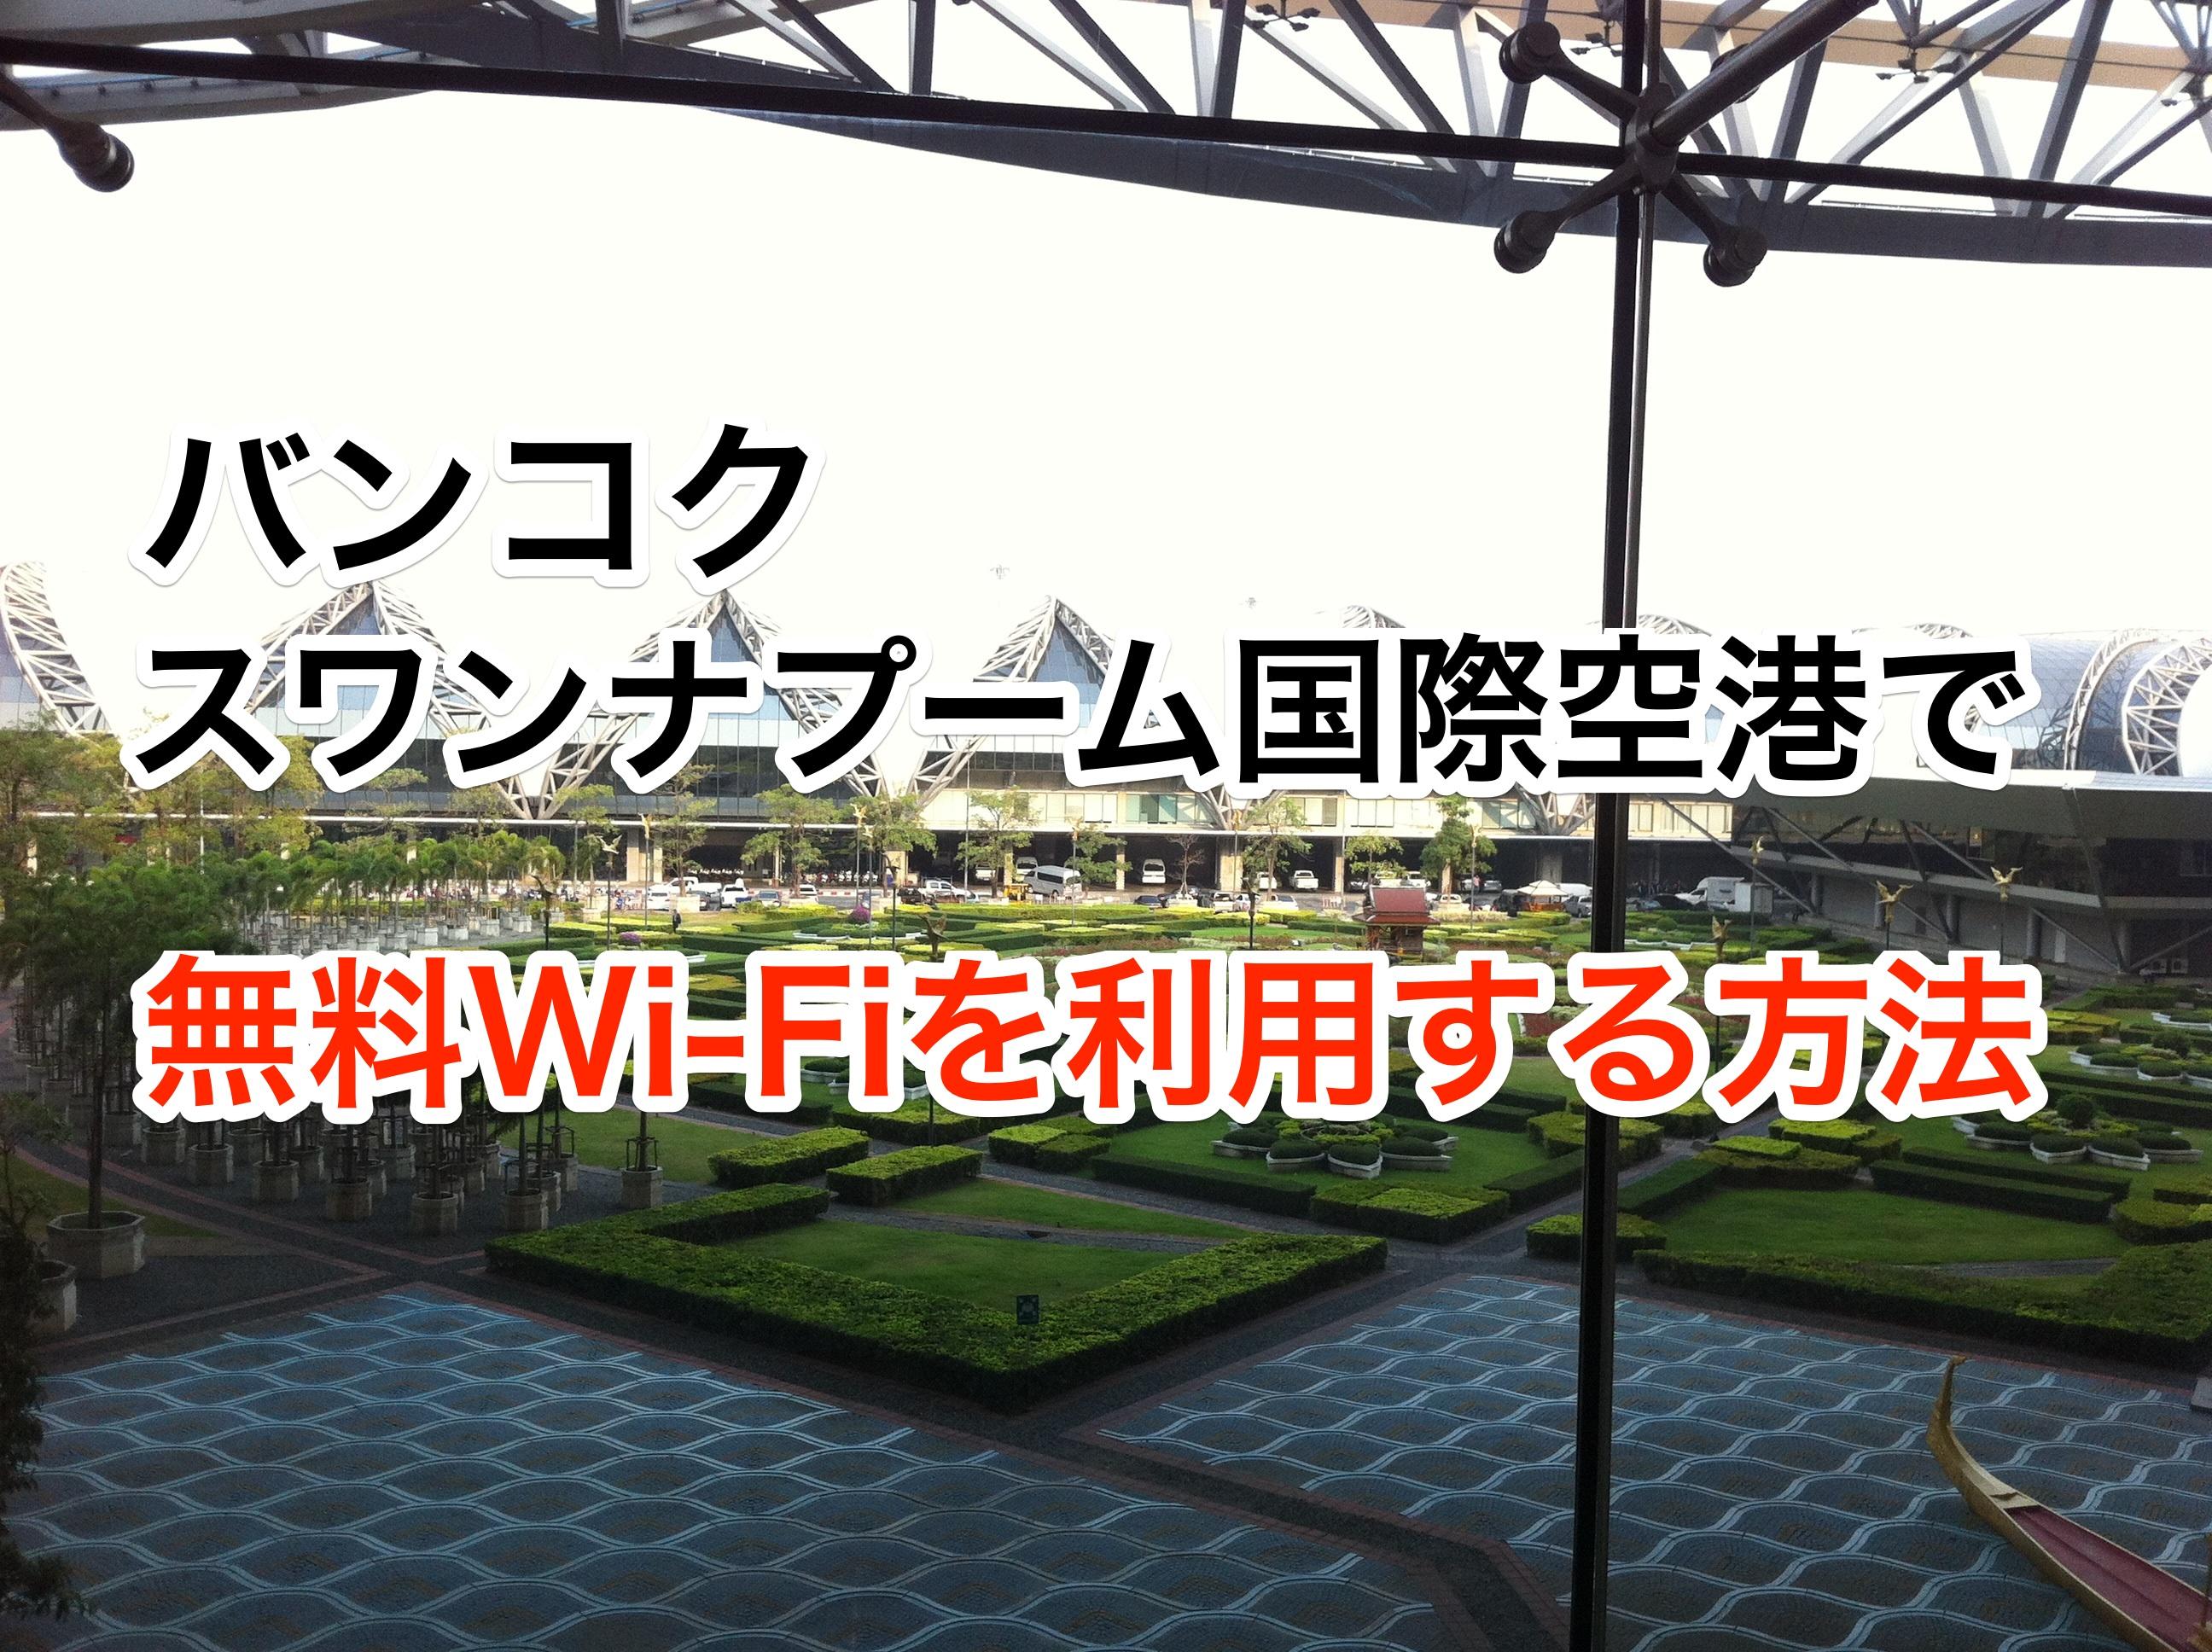 バンコク スワンナプーム国際空港で無料WIFI(無線LAN)を利用する方法